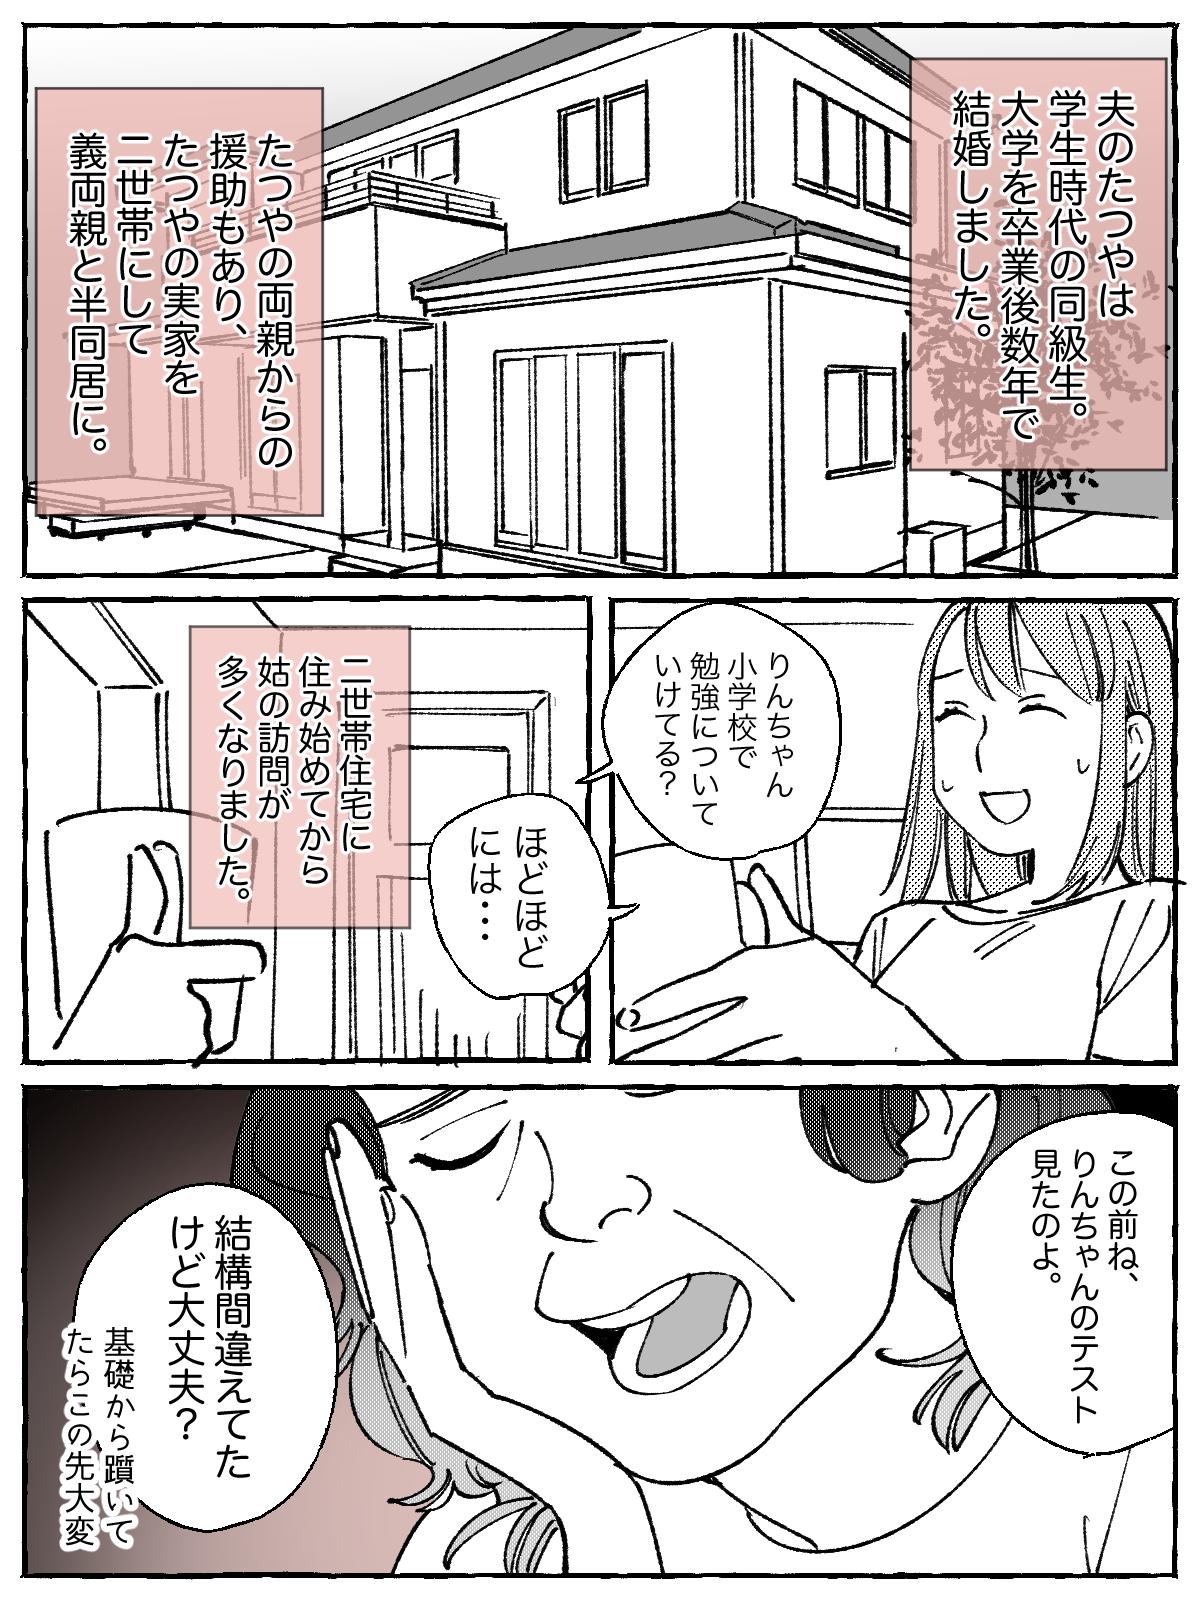 義母と同居がしんどい…夫には黙ってきたけれどもう限界!/たつやの場合(1)【モラハラ夫図鑑 Vol.16】